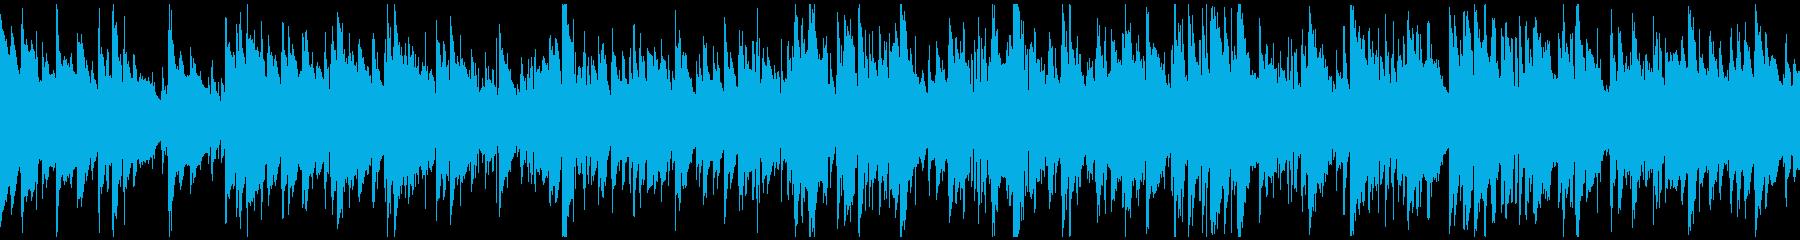 凛々しいサックス、綺麗系ジャズ※ループ版の再生済みの波形